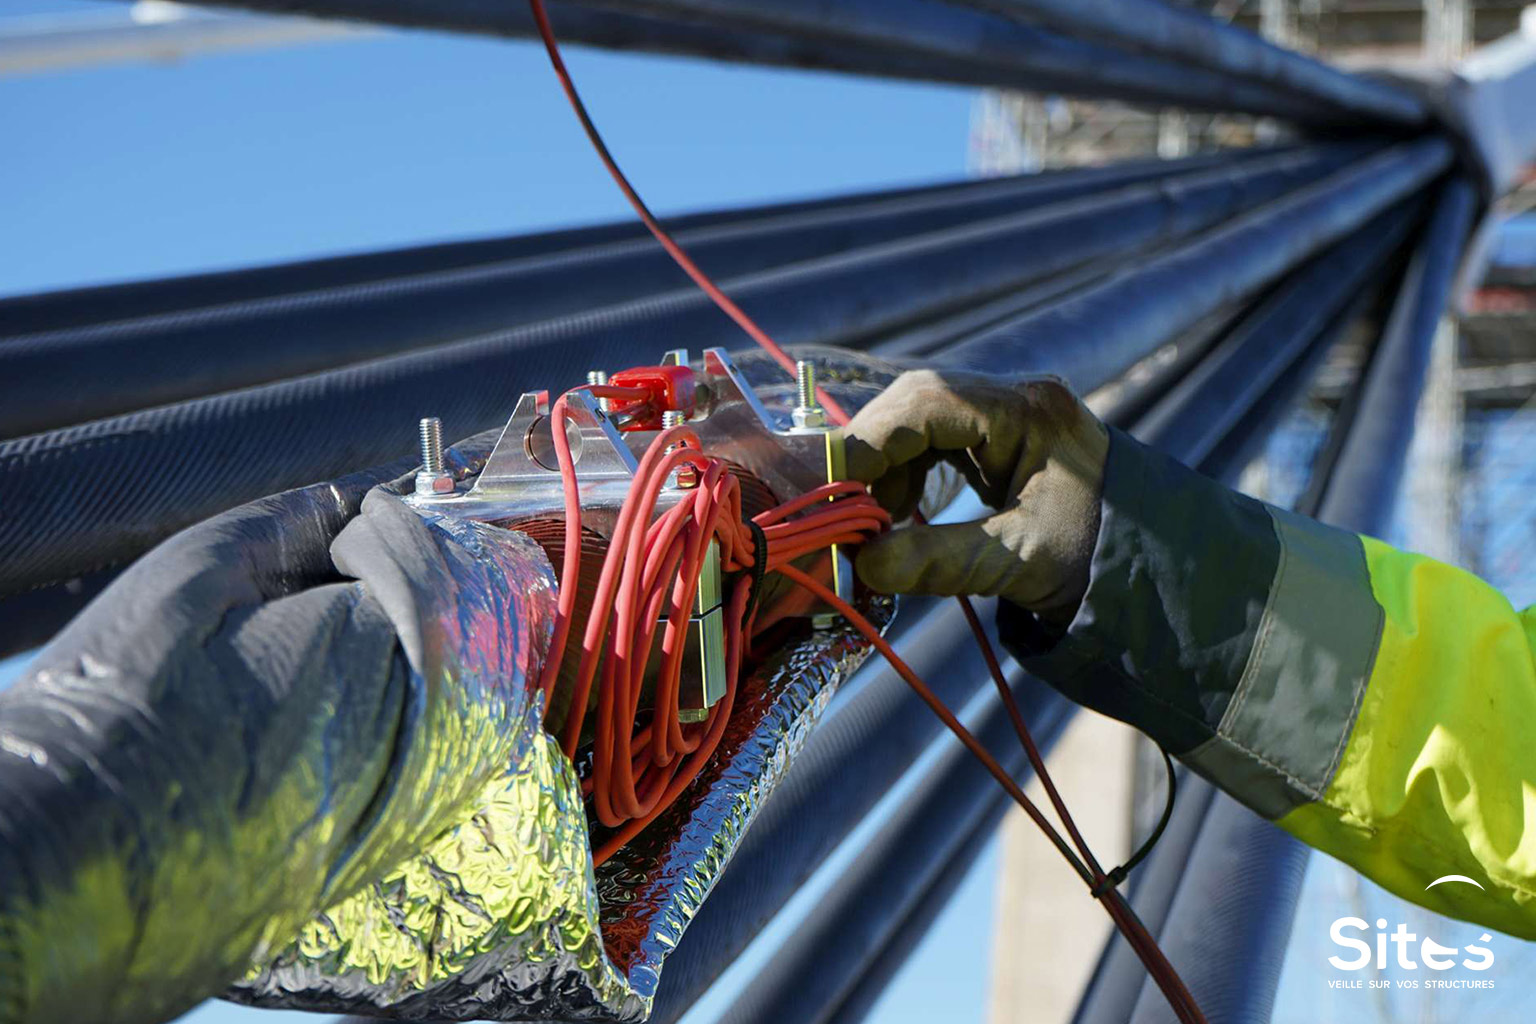 Suivi de la tension des câbles par capteurs à cordes vibrantes